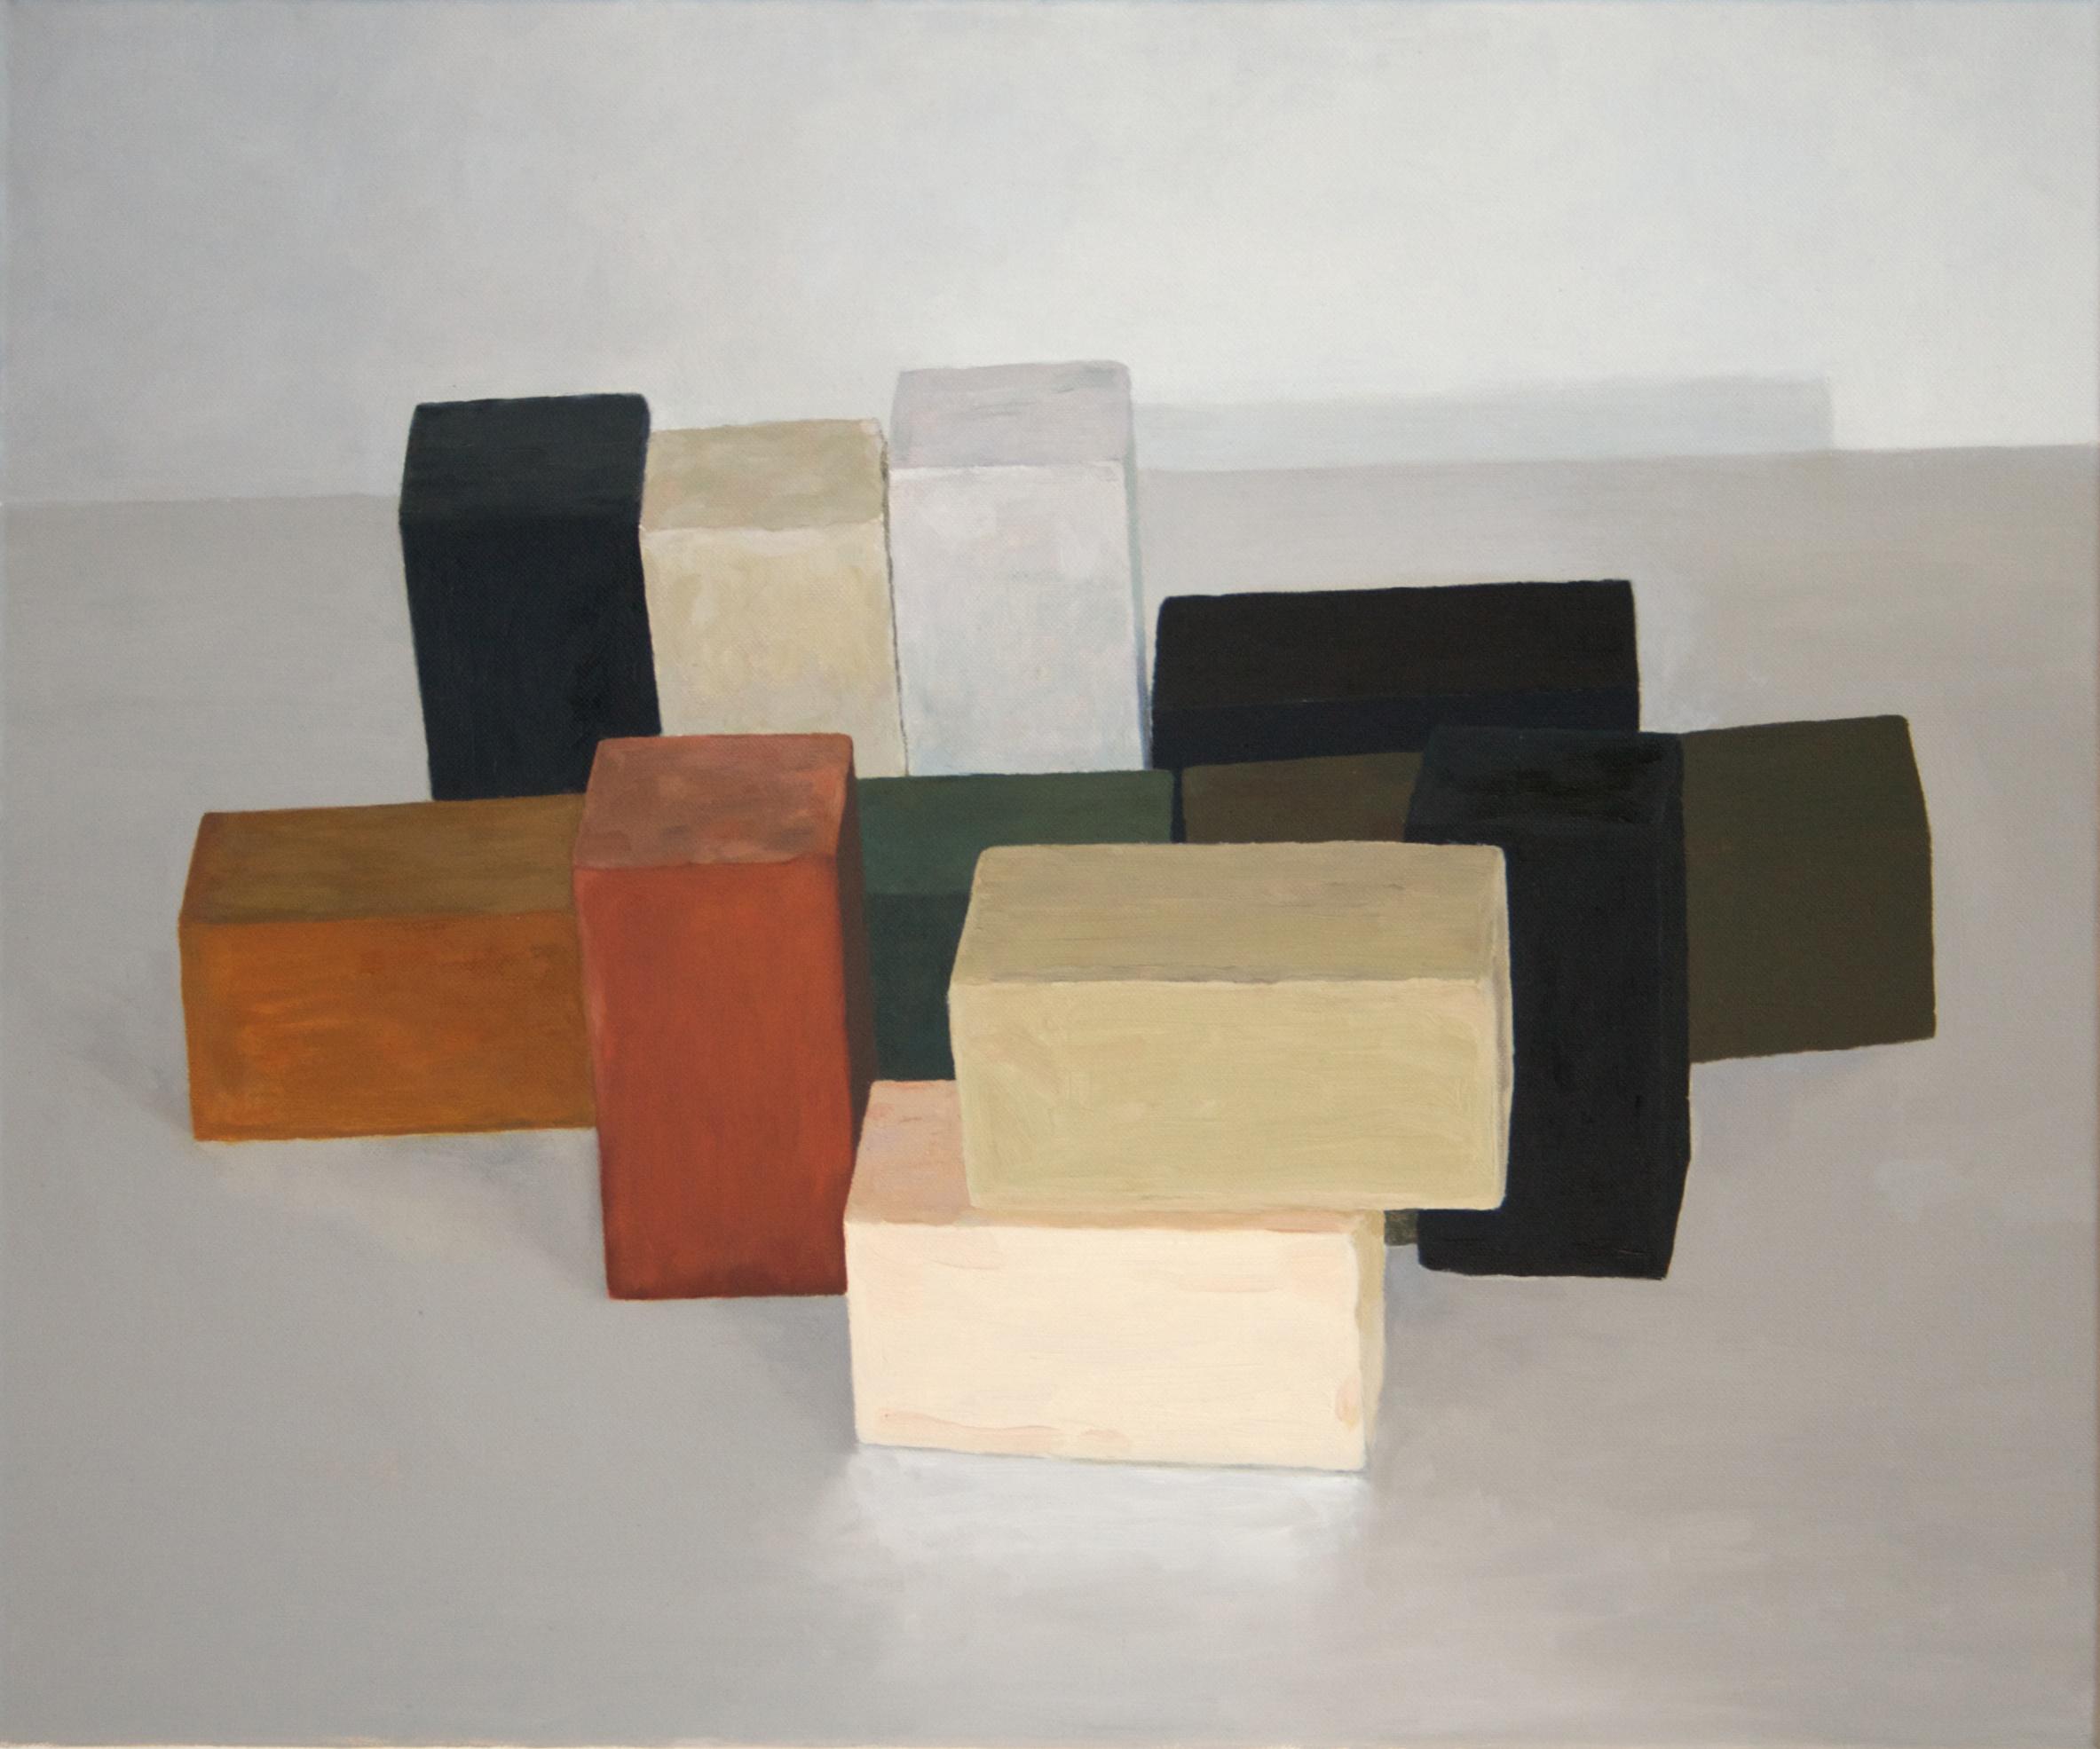 IM1207 Painted Blocks #XX (After Tenora) IMG_8927.jpg